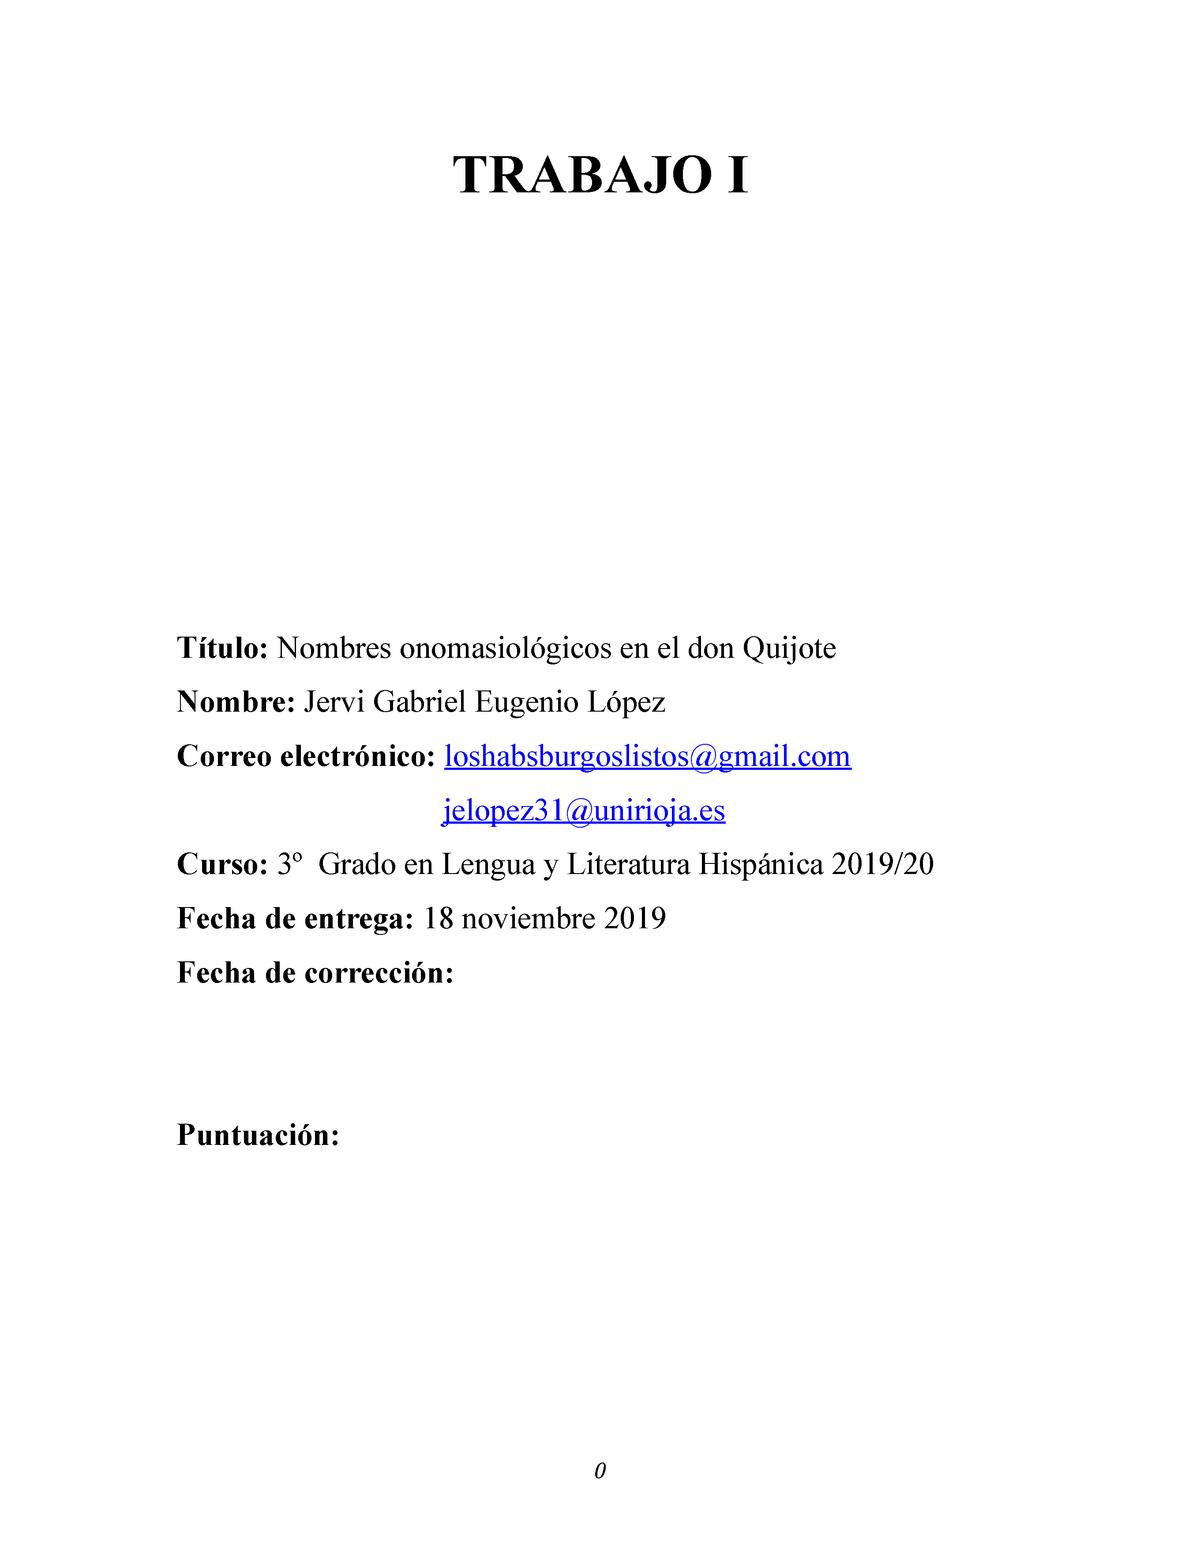 Trabajo I Cervantes Los Nombres Onomasiologicos Studocu